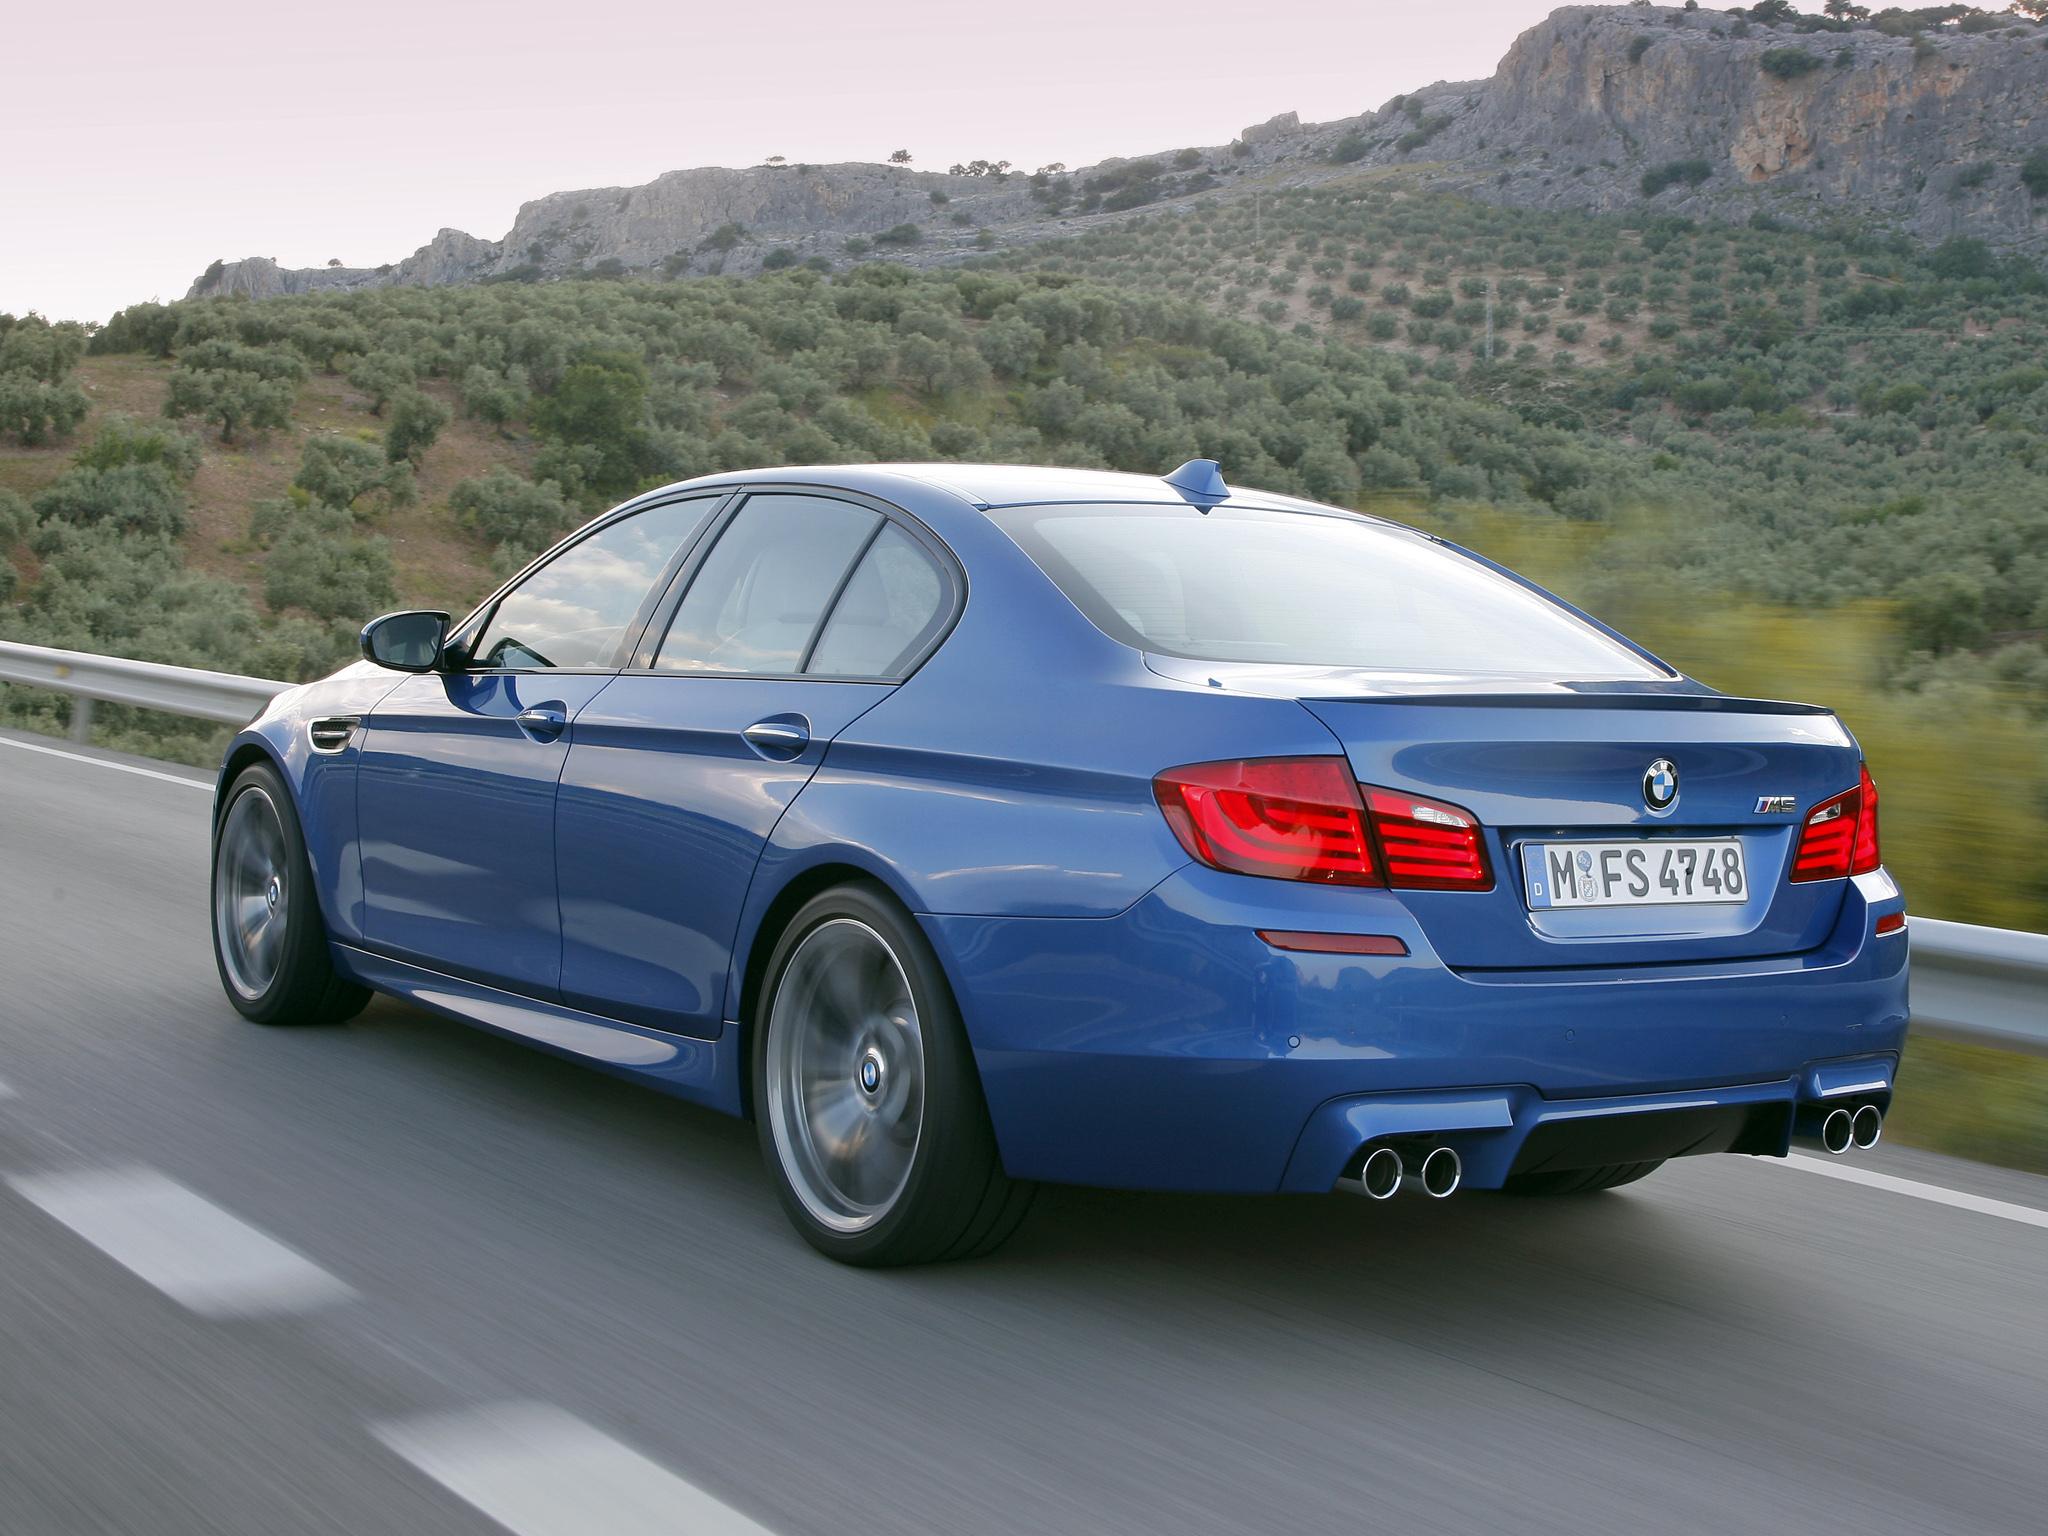 Фотогалерея BMW, фотографии BMW всех годов выпуска и моделей. Все